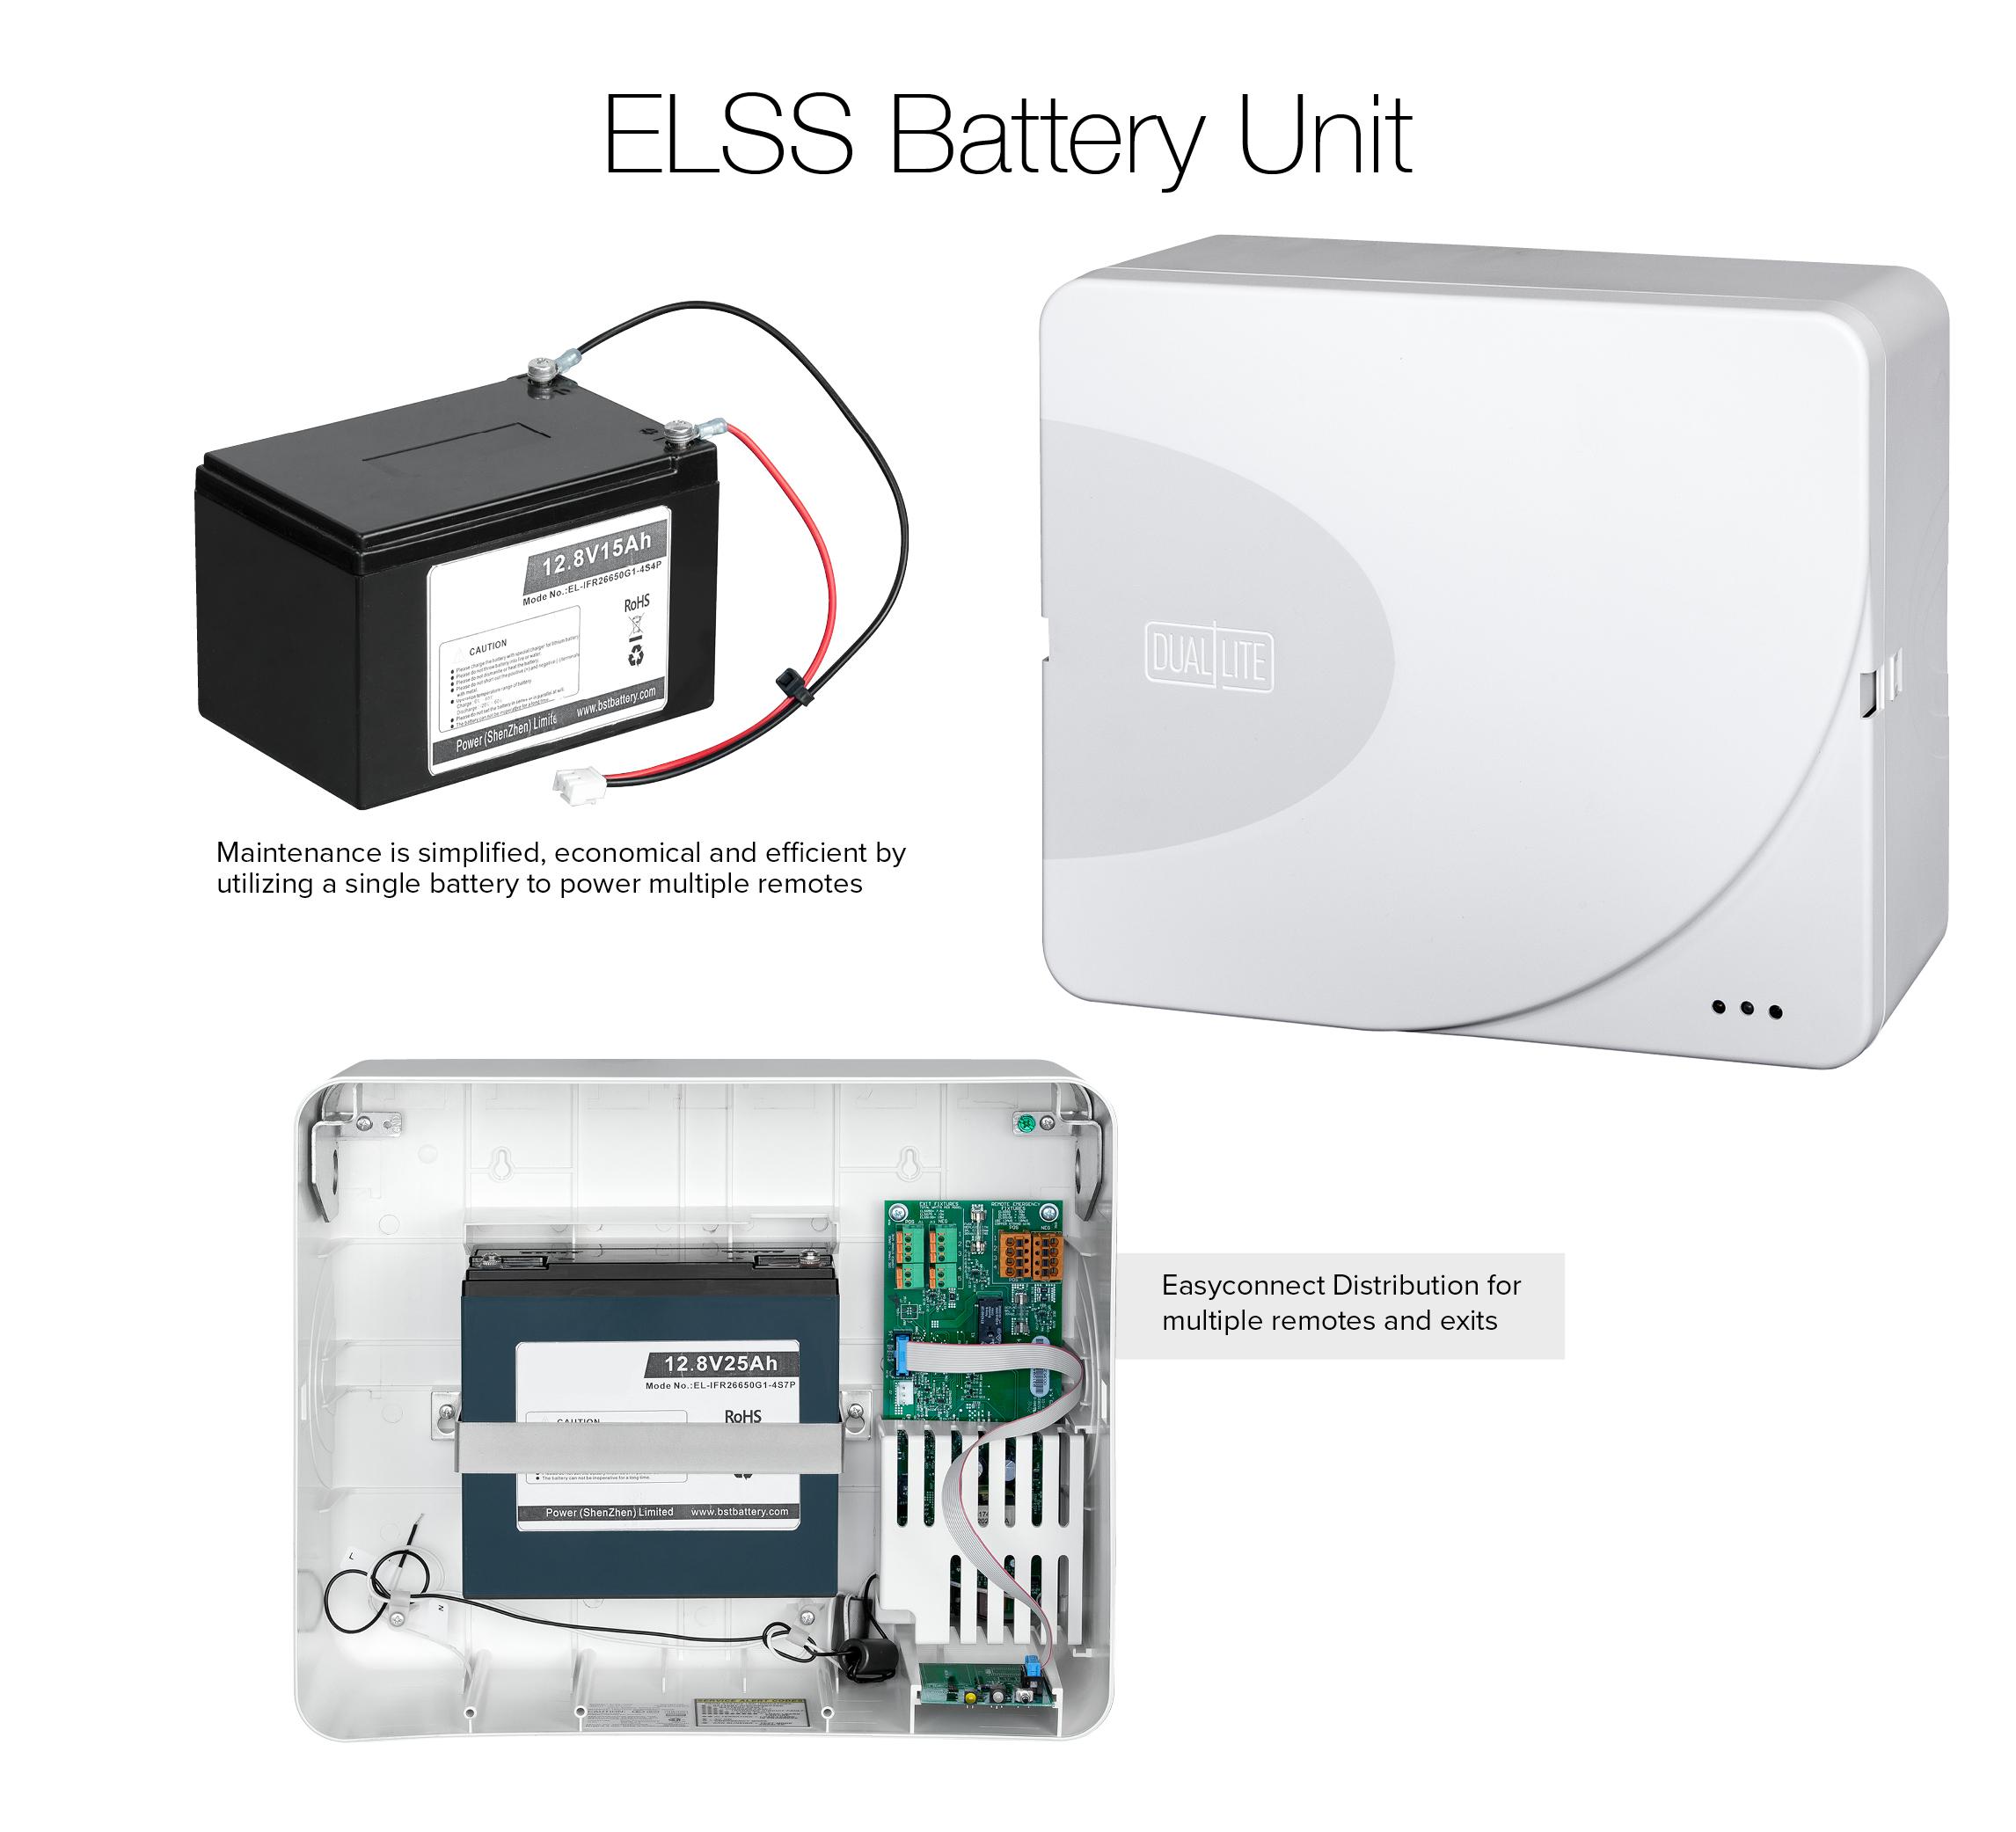 ELSS Battery